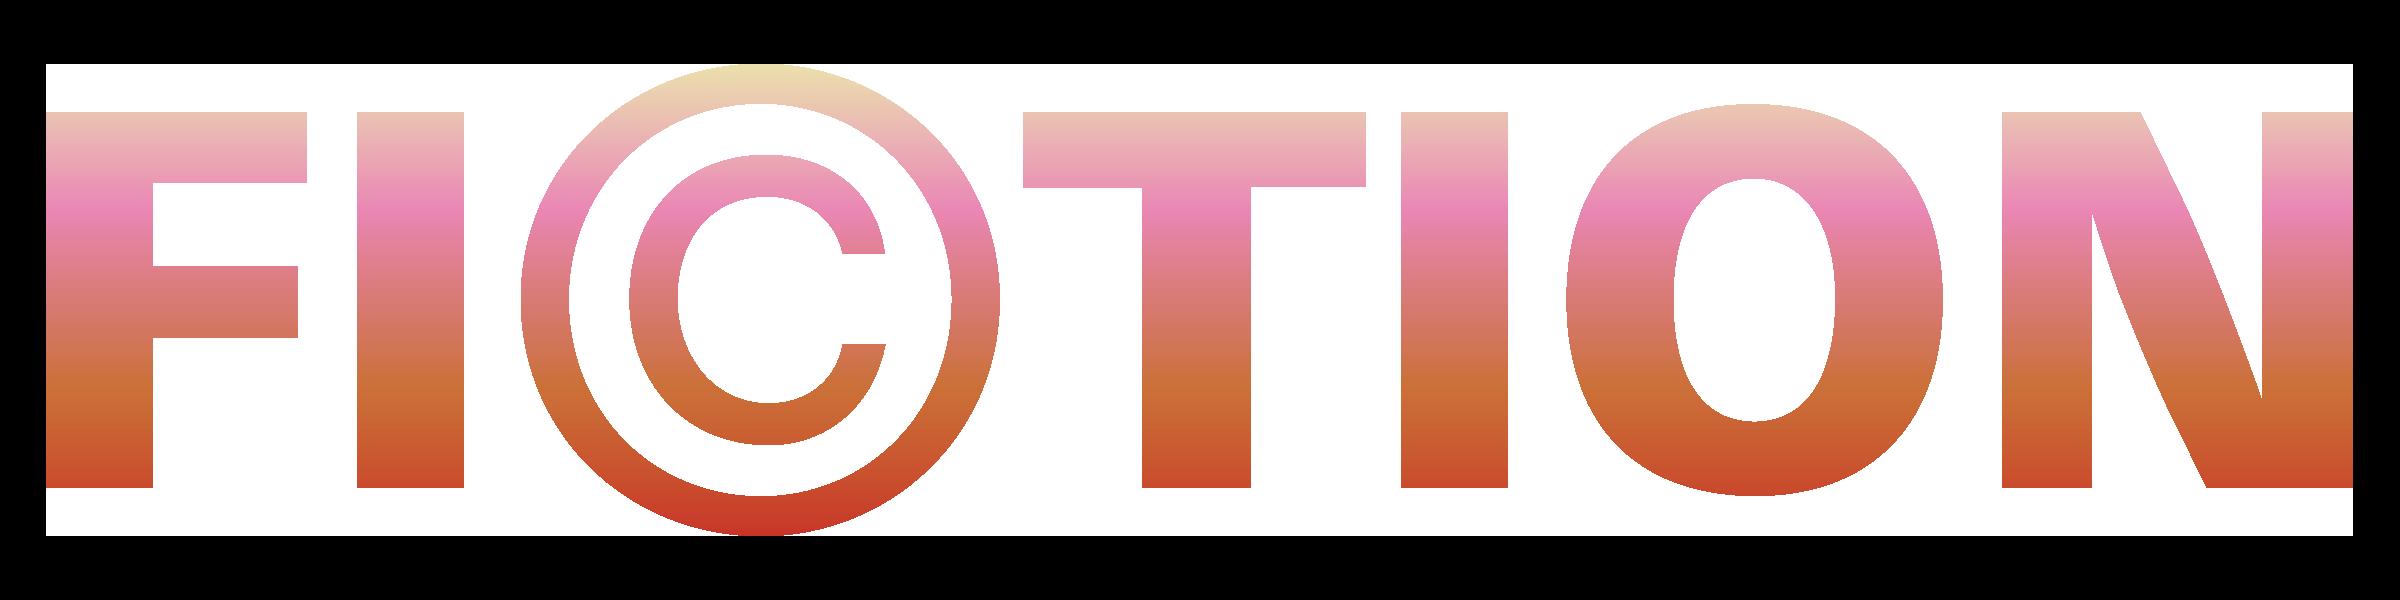 https://0201.nccdn.net/4_2/000/000/050/773/721_fiction_logo_gradient_018png.png